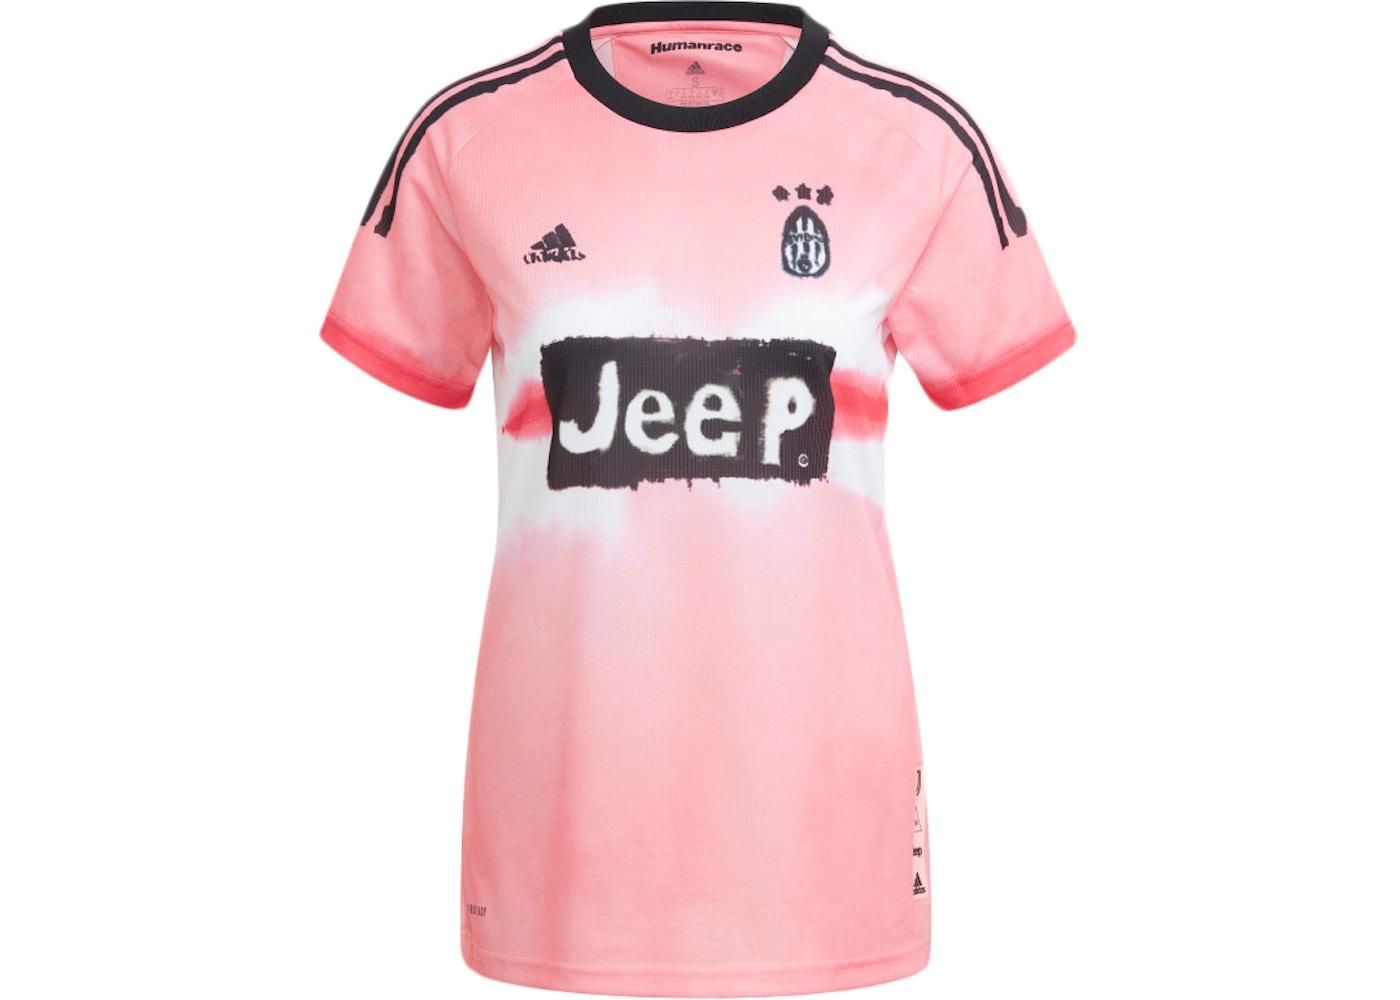 adidas Juventus Human Race Womens Jersey Glow Pink/Black - FW20